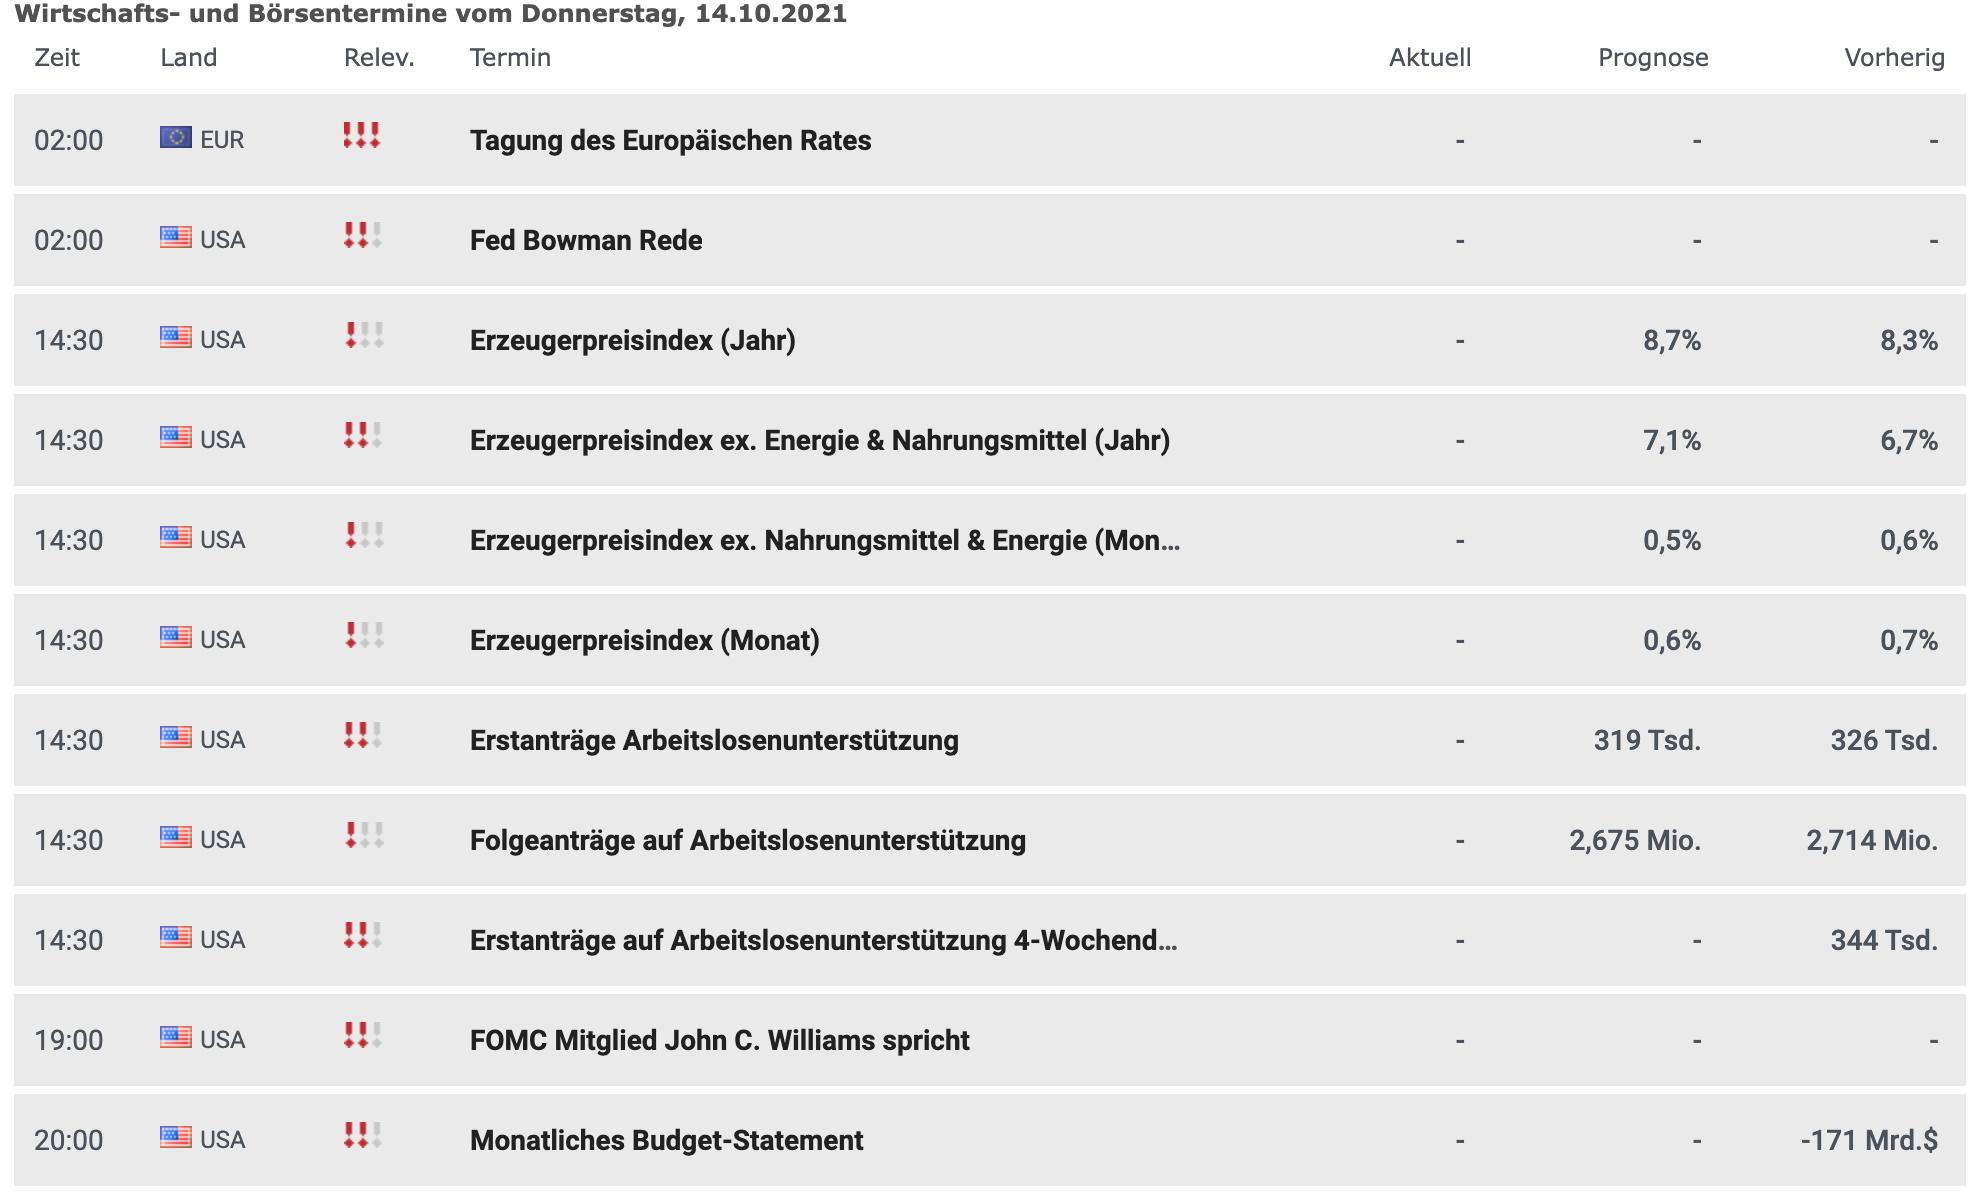 Wirtschaftsdaten am 14.10.2021